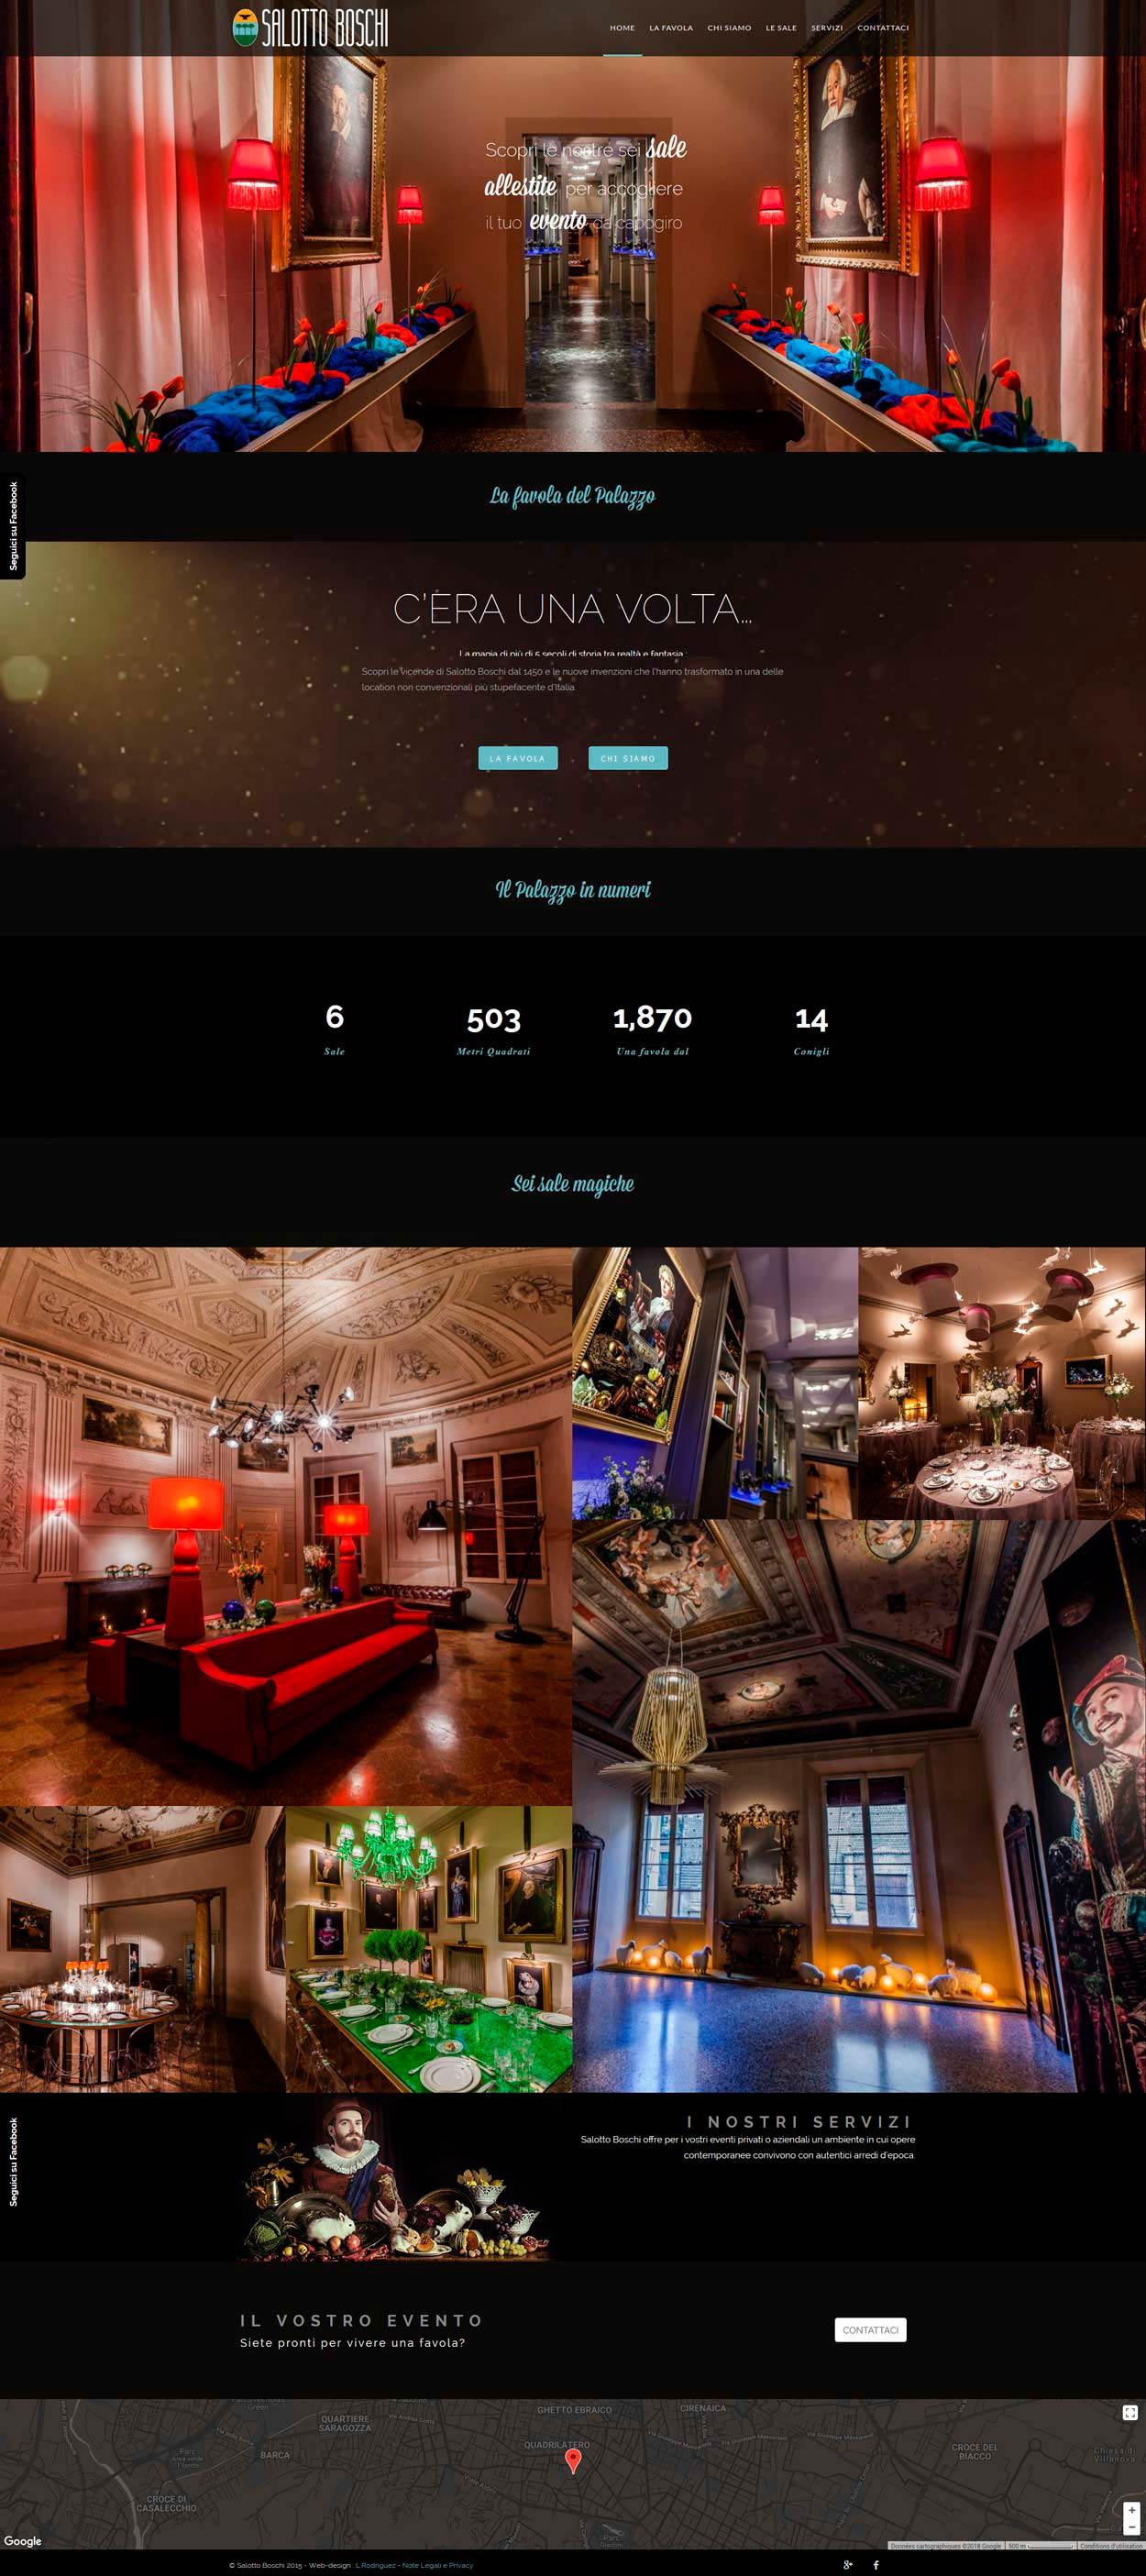 Salotto Boschi Home Page